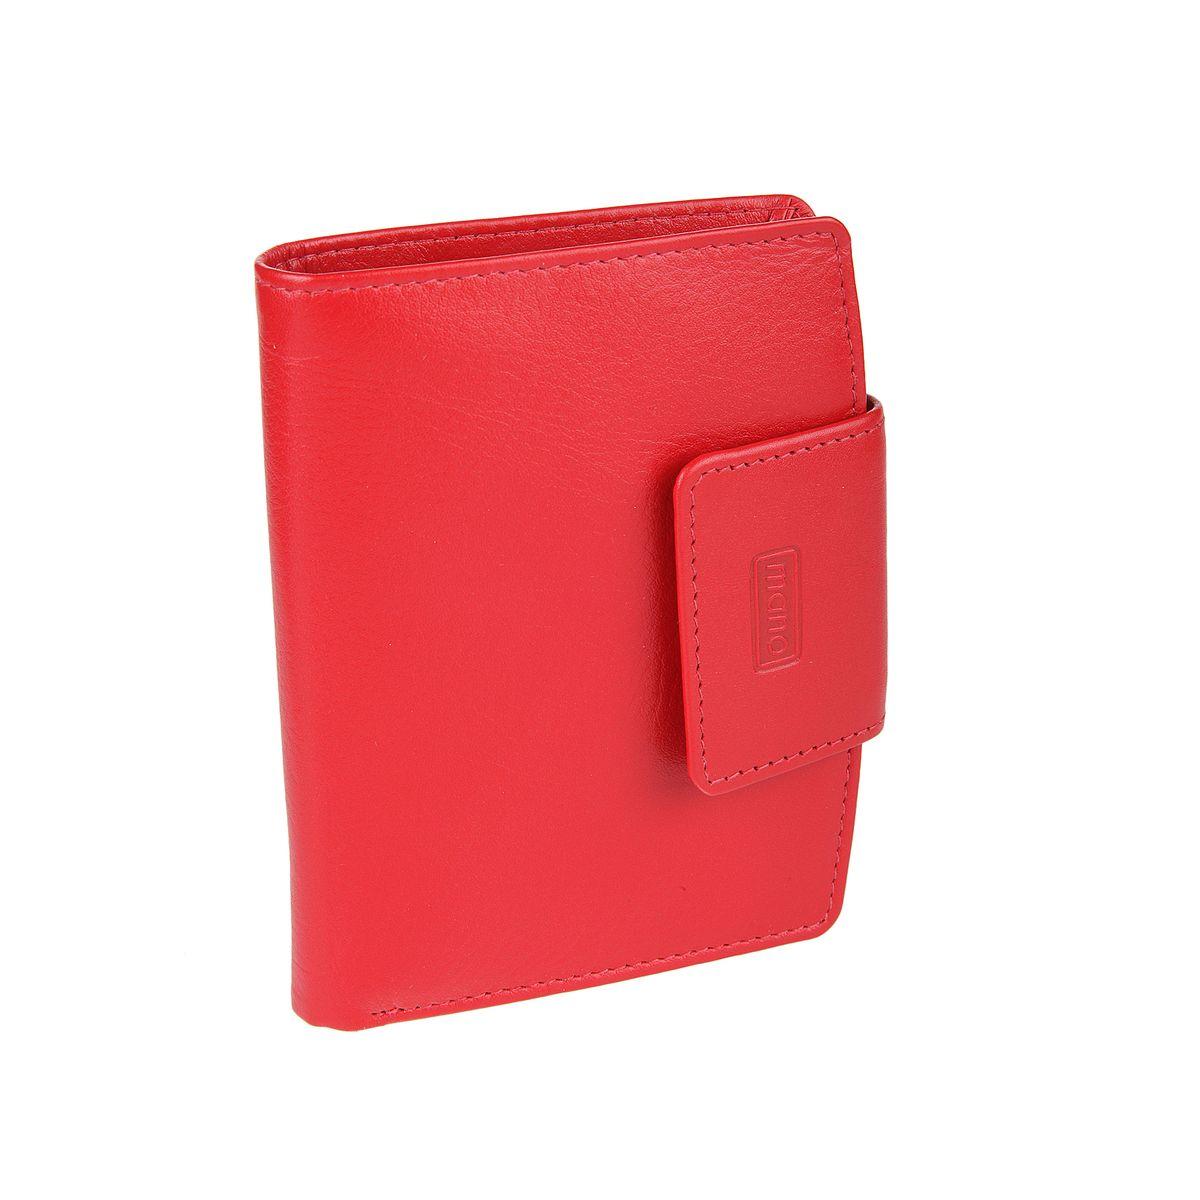 Кошелек женский Mano, цвет: красный. 13411 red13411 redзакрывается клапаном на кнопку внутри два отдела для купюр шесть кармашков для пластиковых карт четыре потайных кармана два отдела для мелких предметов отделение для пропуска в сеточку отделение для мелочи (закрывается клапаном на кнопку)